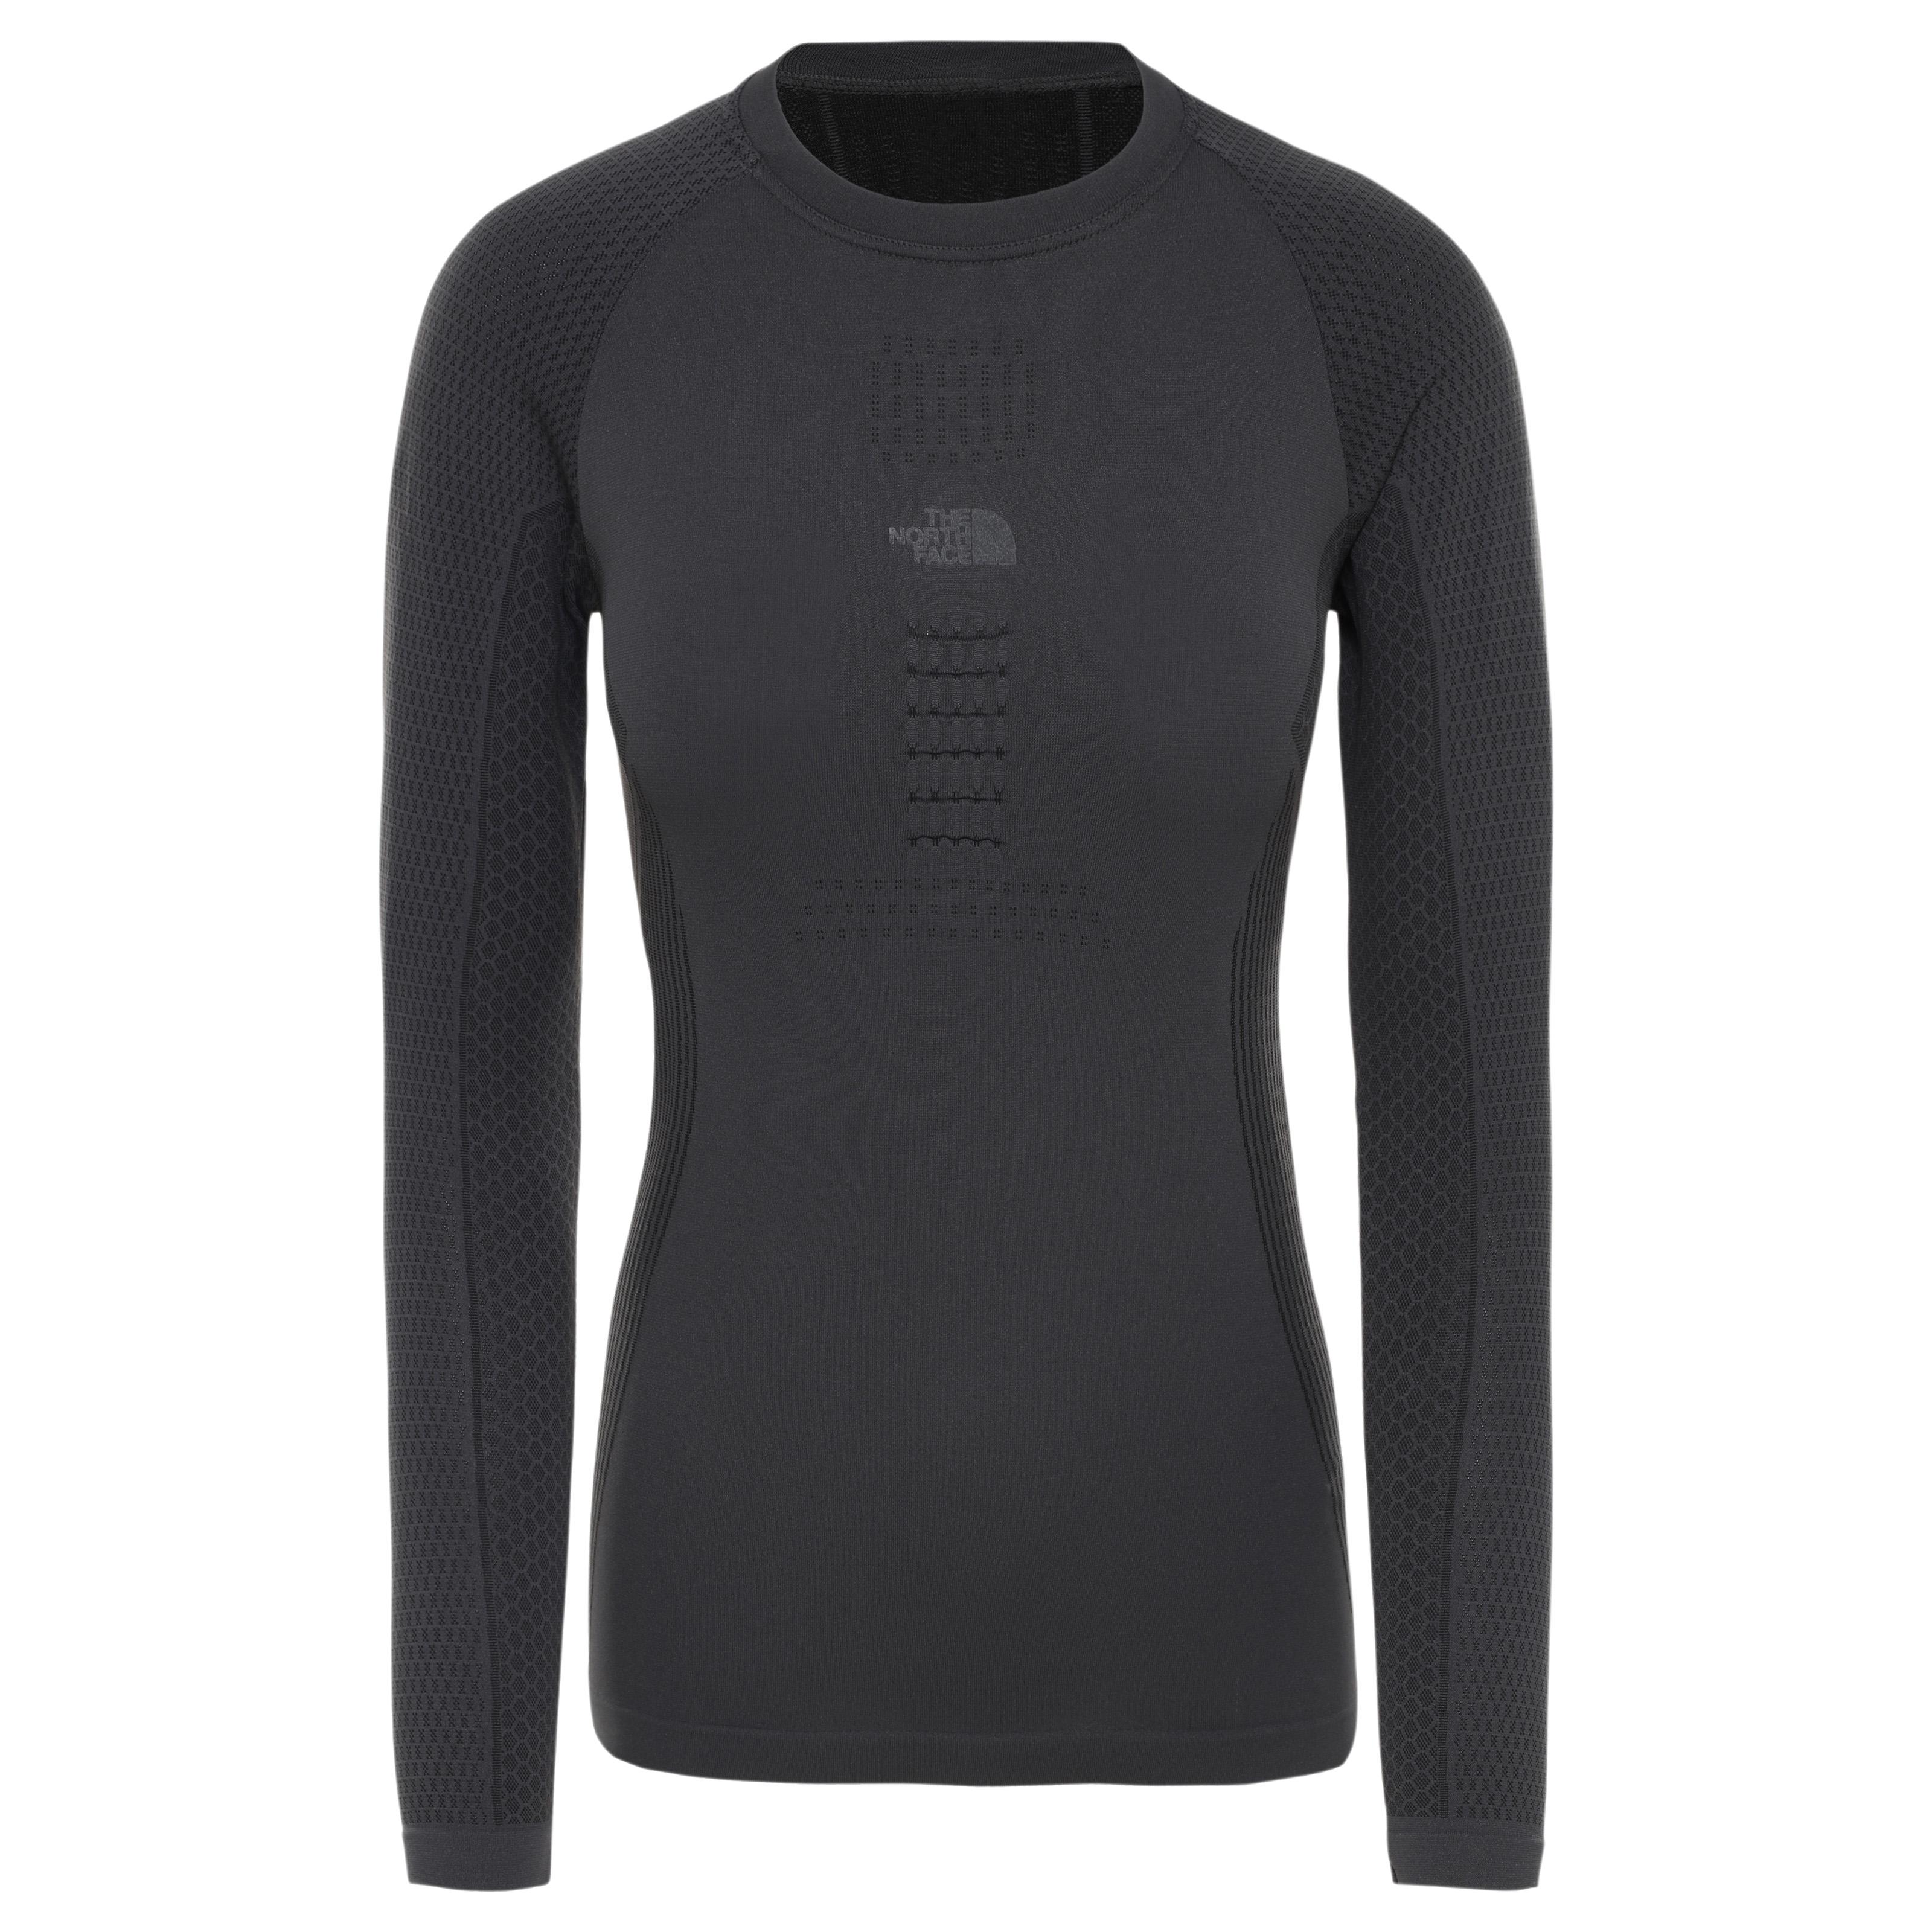 The North Face dámské funkční prádlo DÁMSKÉ FUNKČNÍ TRIČKO S DLOUHÝM RUKÁVEM ACTIVE The North Face